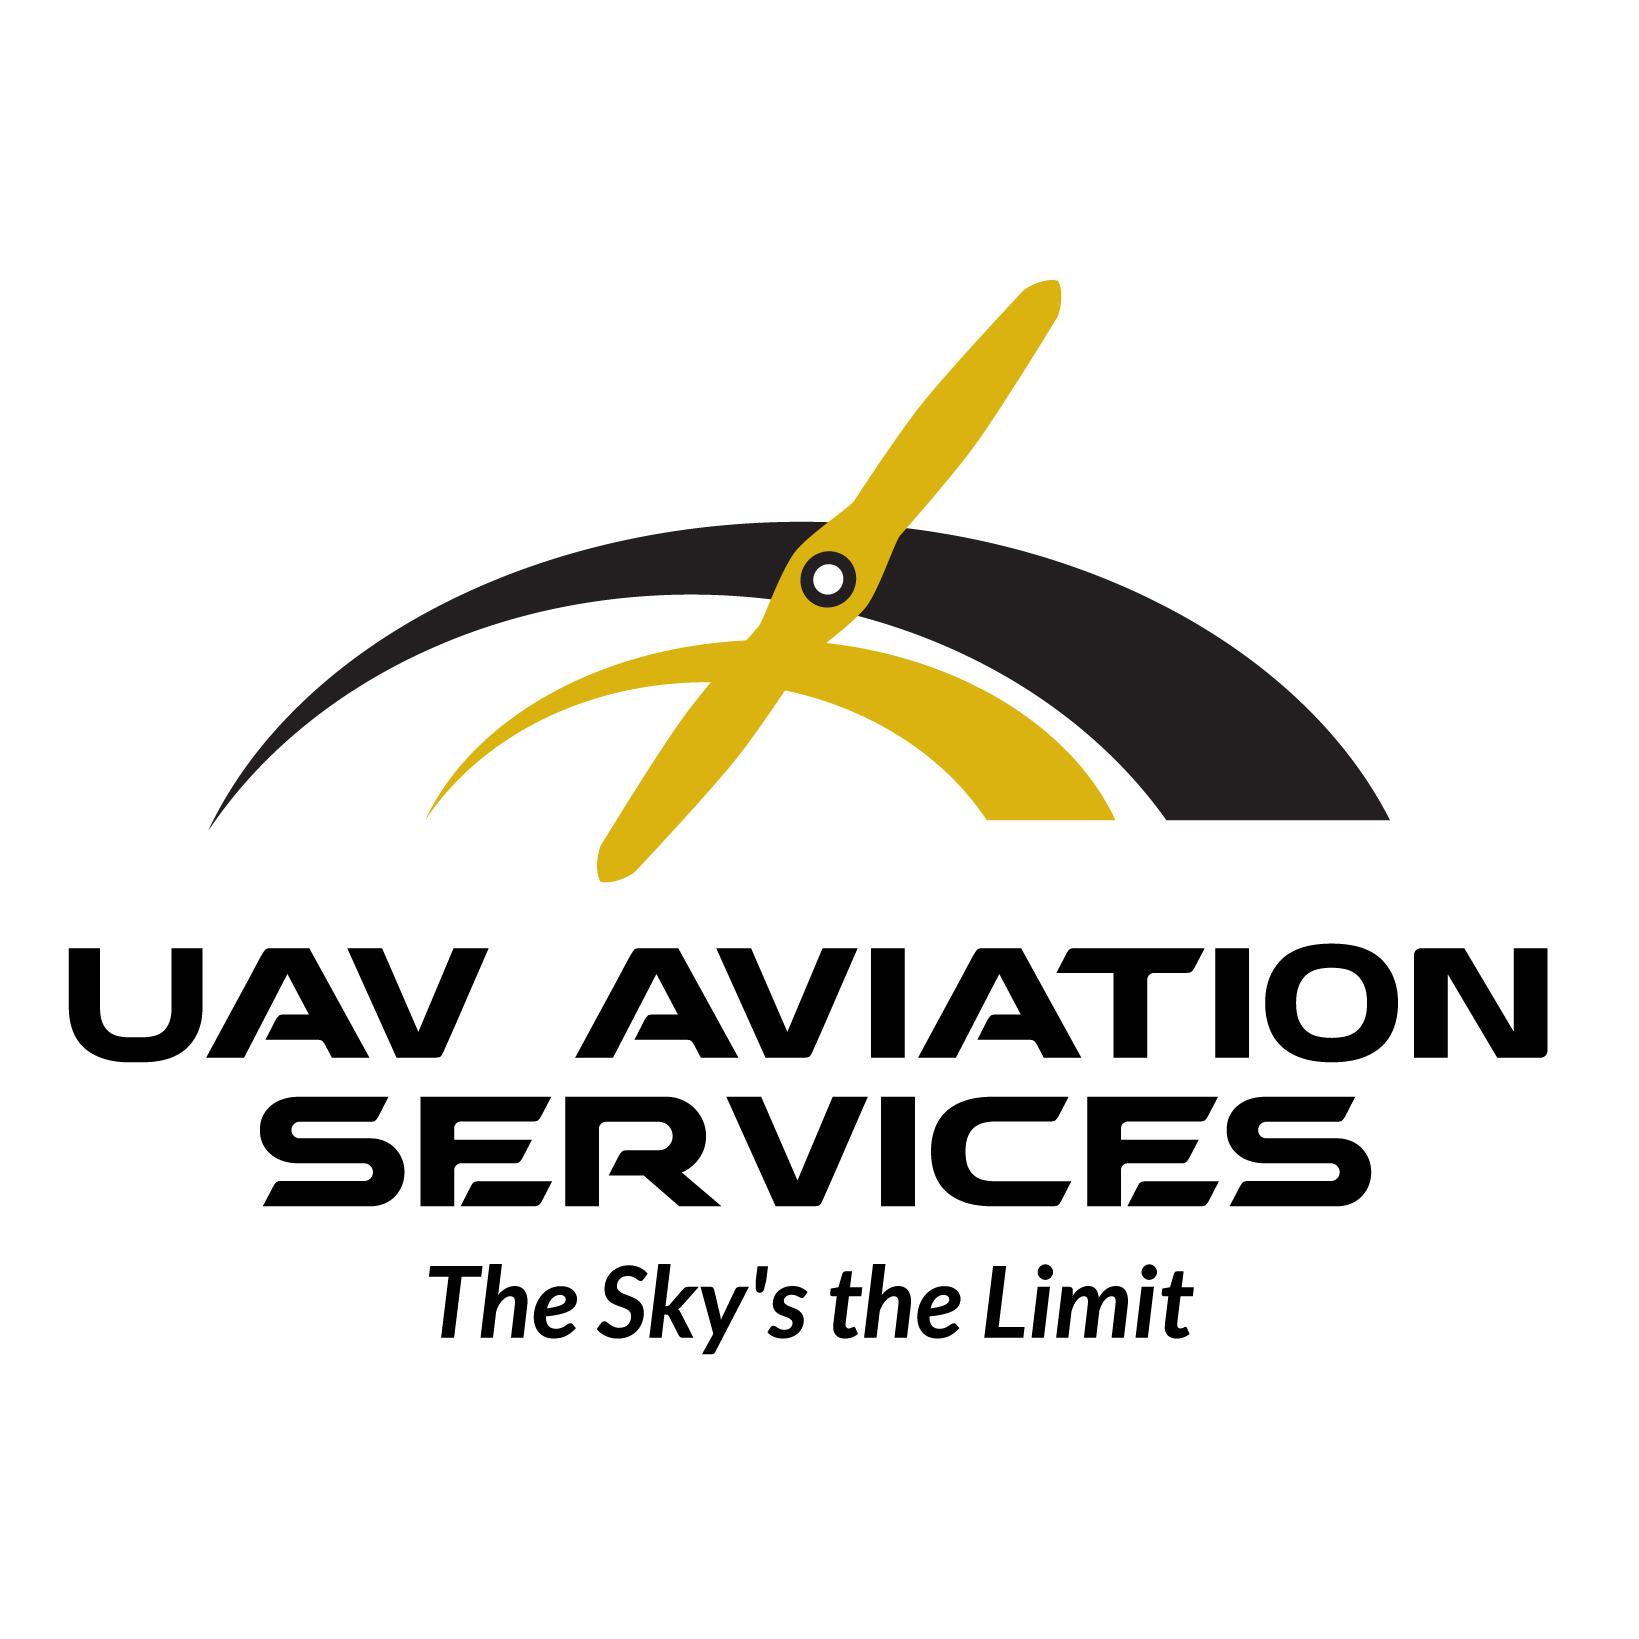 uav aviation services